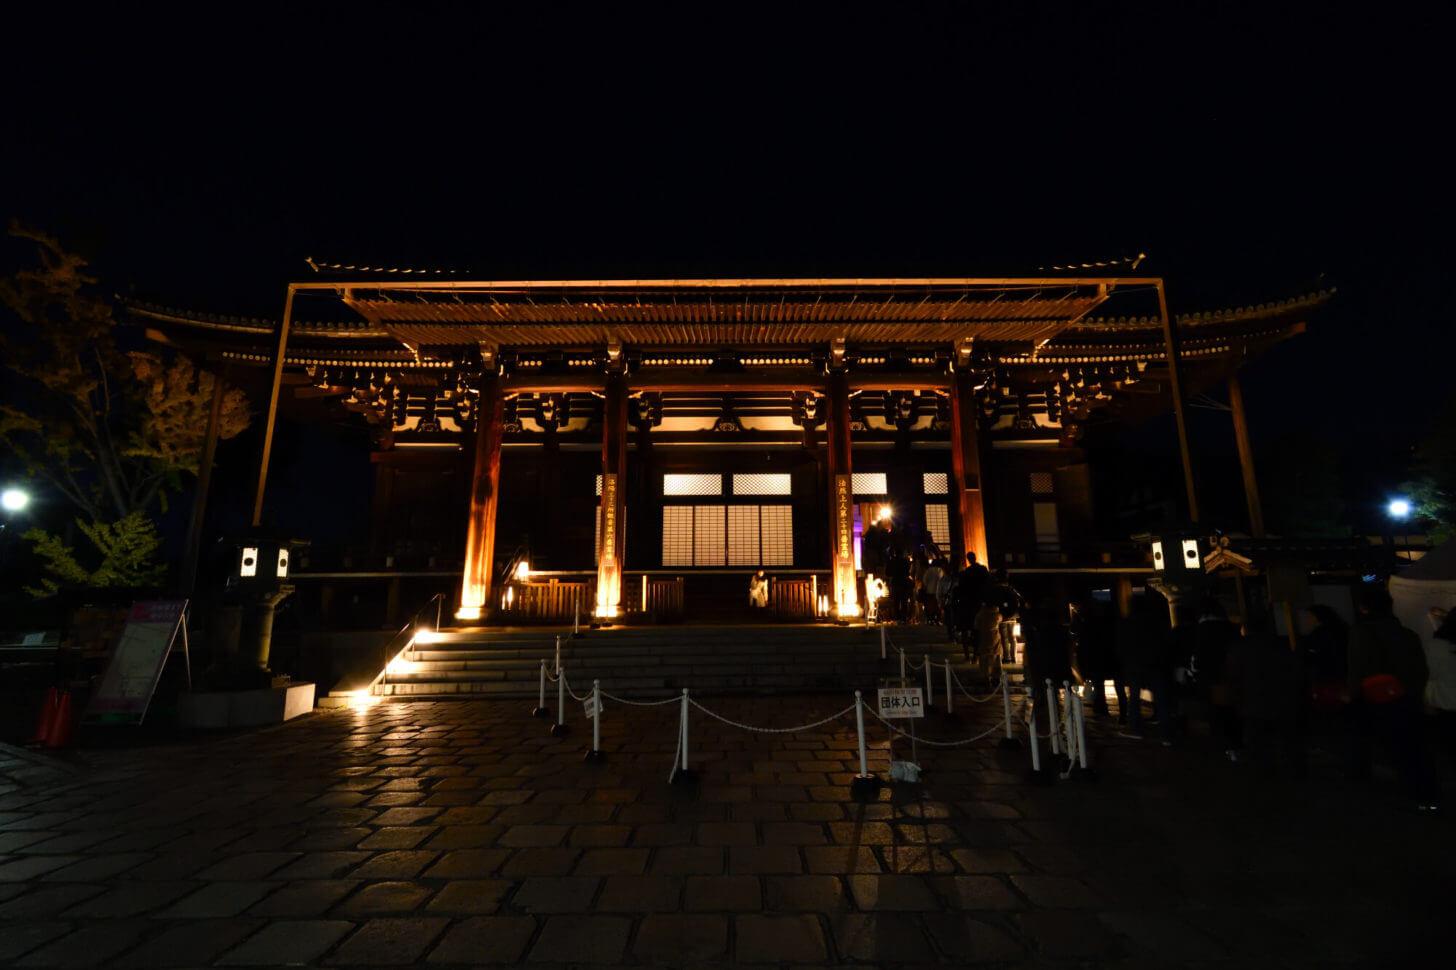 金戒光明寺 御影堂(大殿)ライトアップ2019